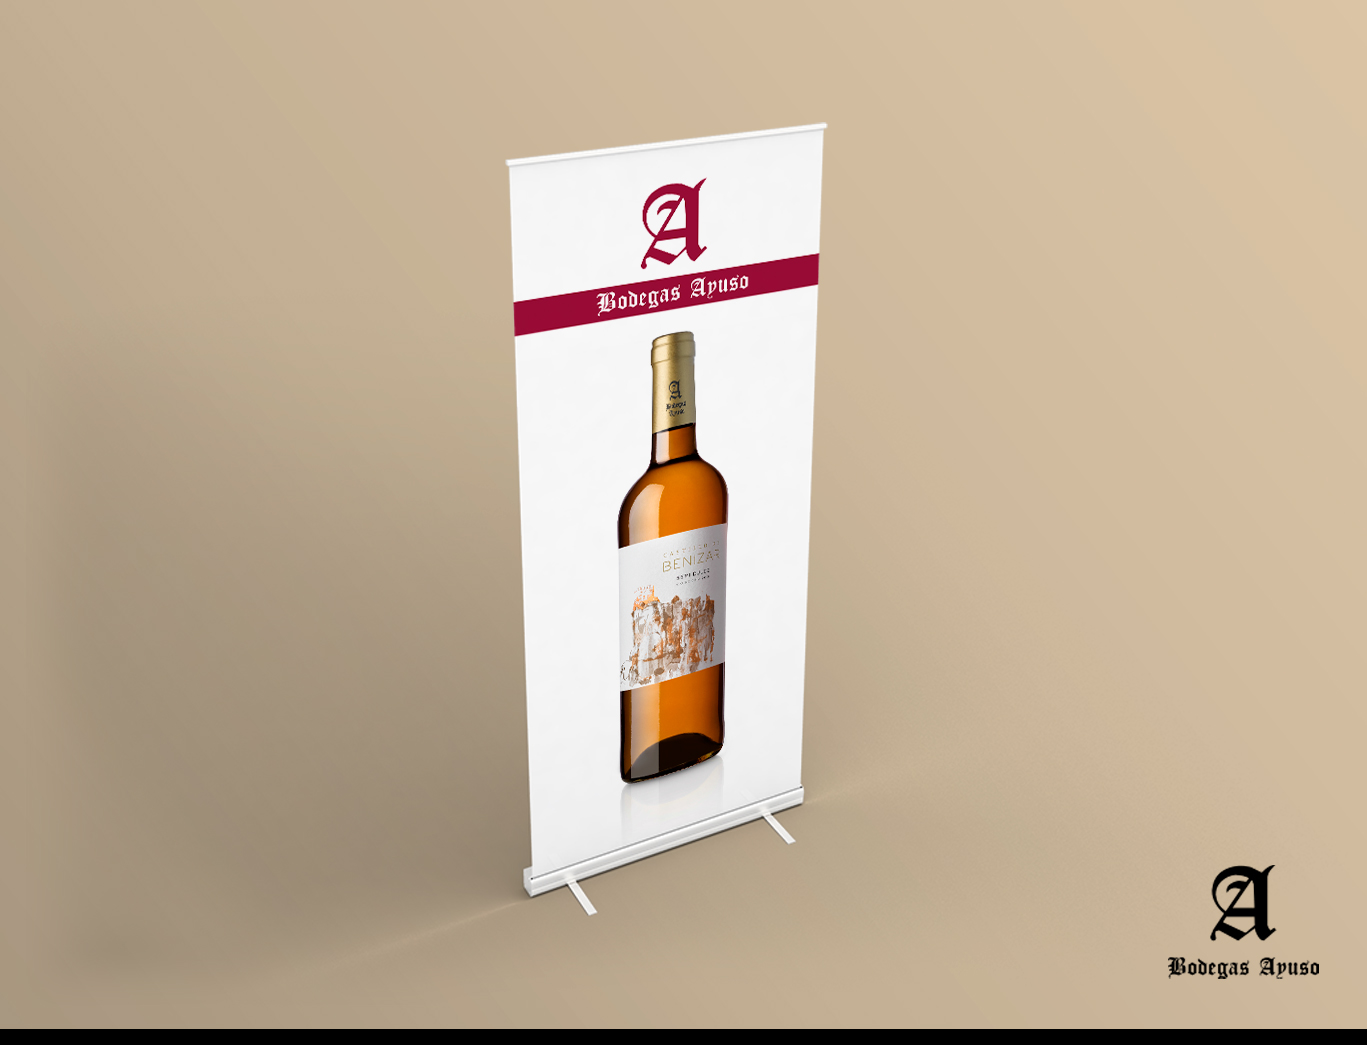 Diseño gráfico Albacete, diseño de rollup e impresión de rollup Bodegas Ayuso